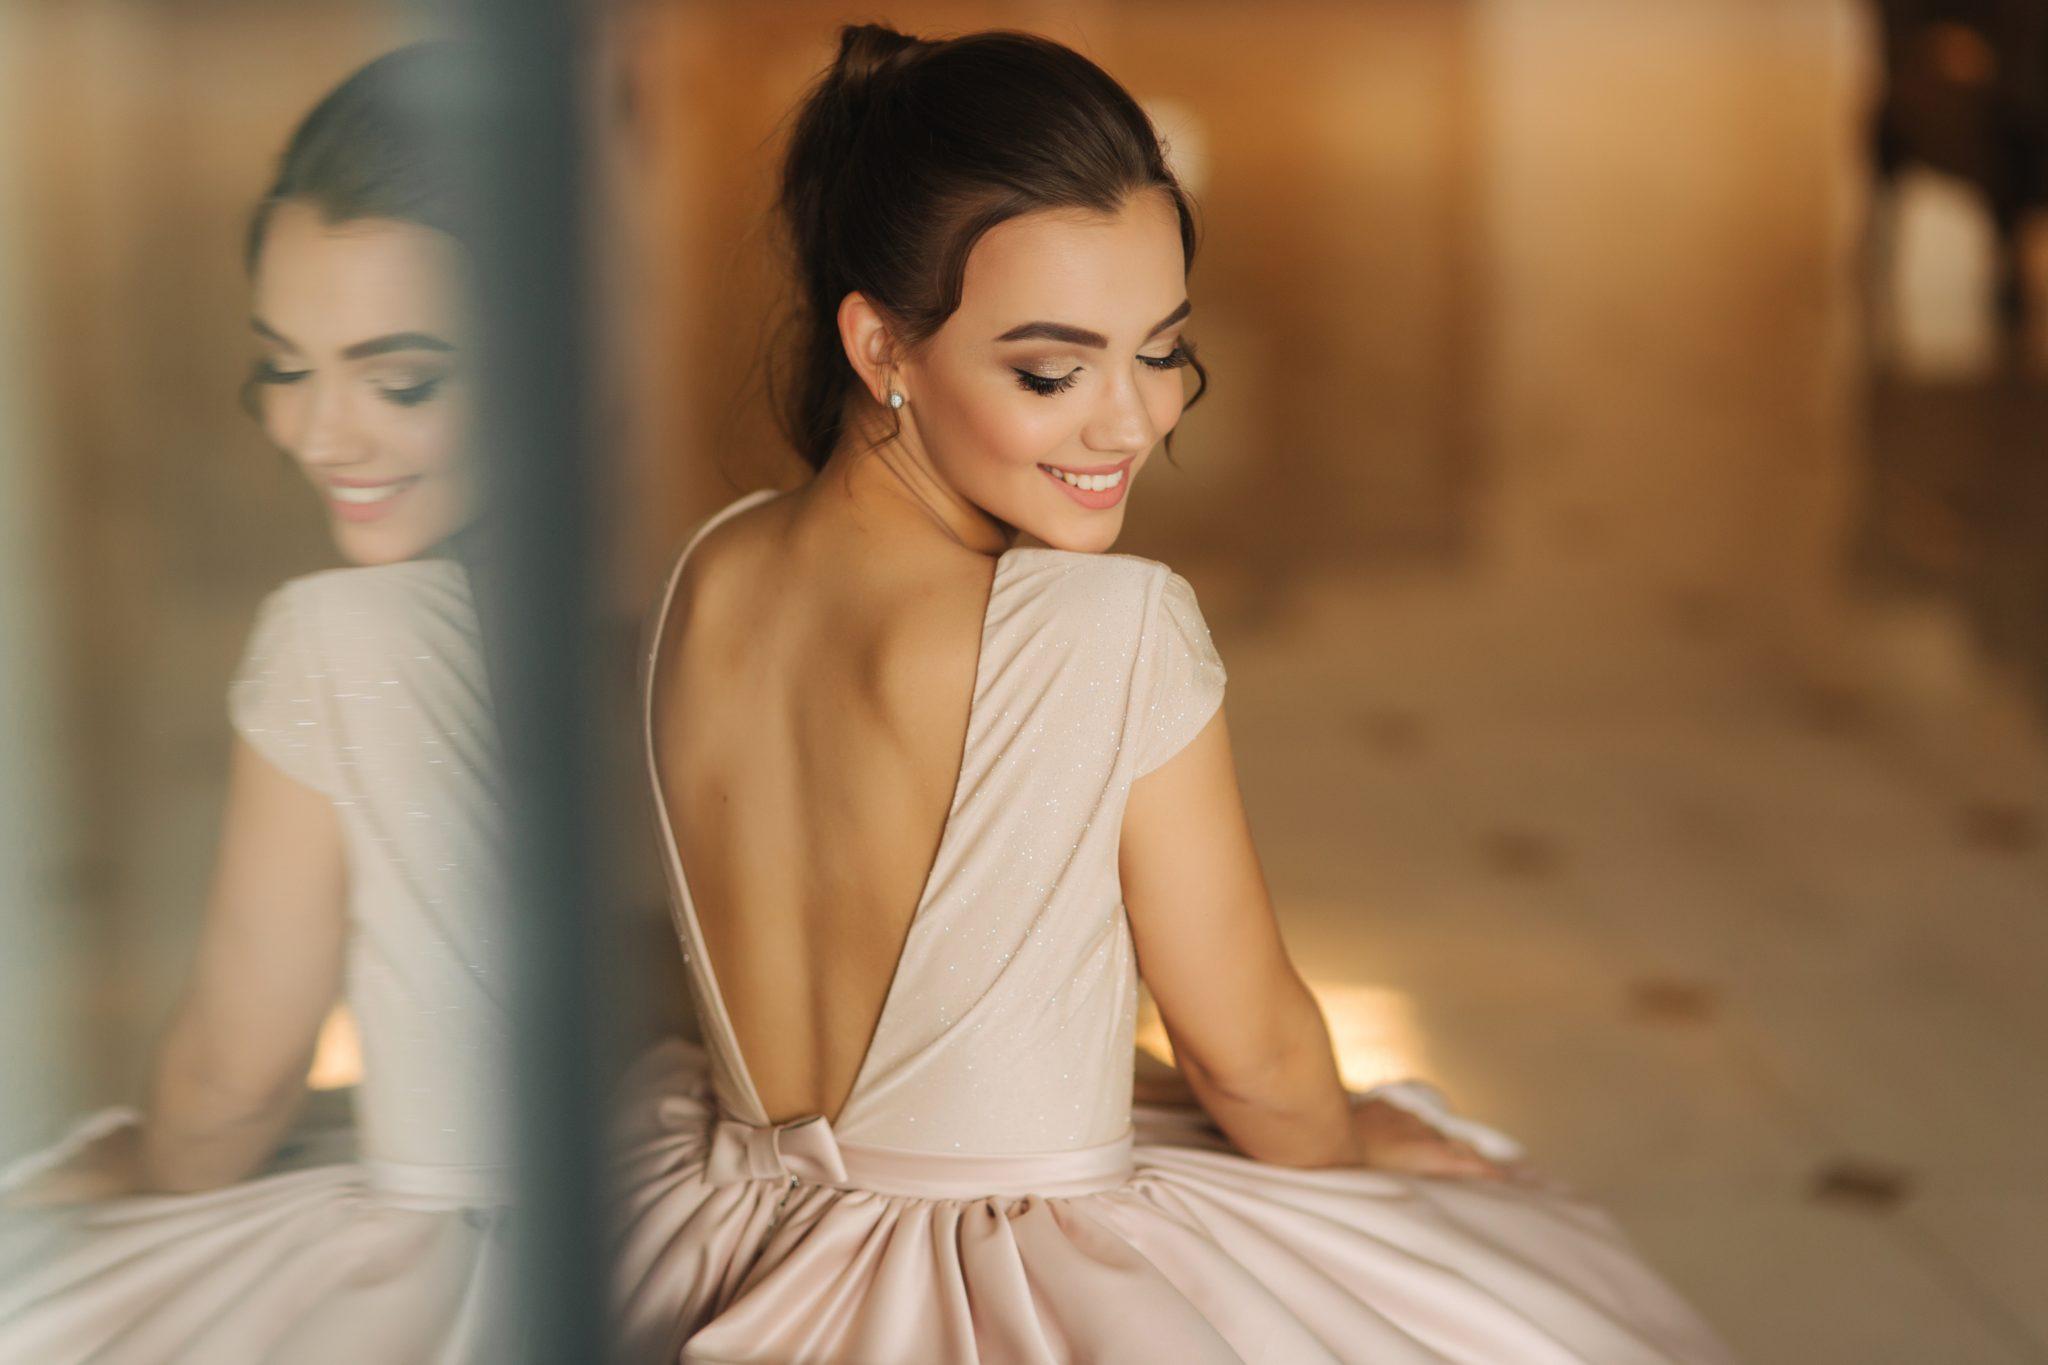 piękna kobieta w sukience z wyciętymi plecami